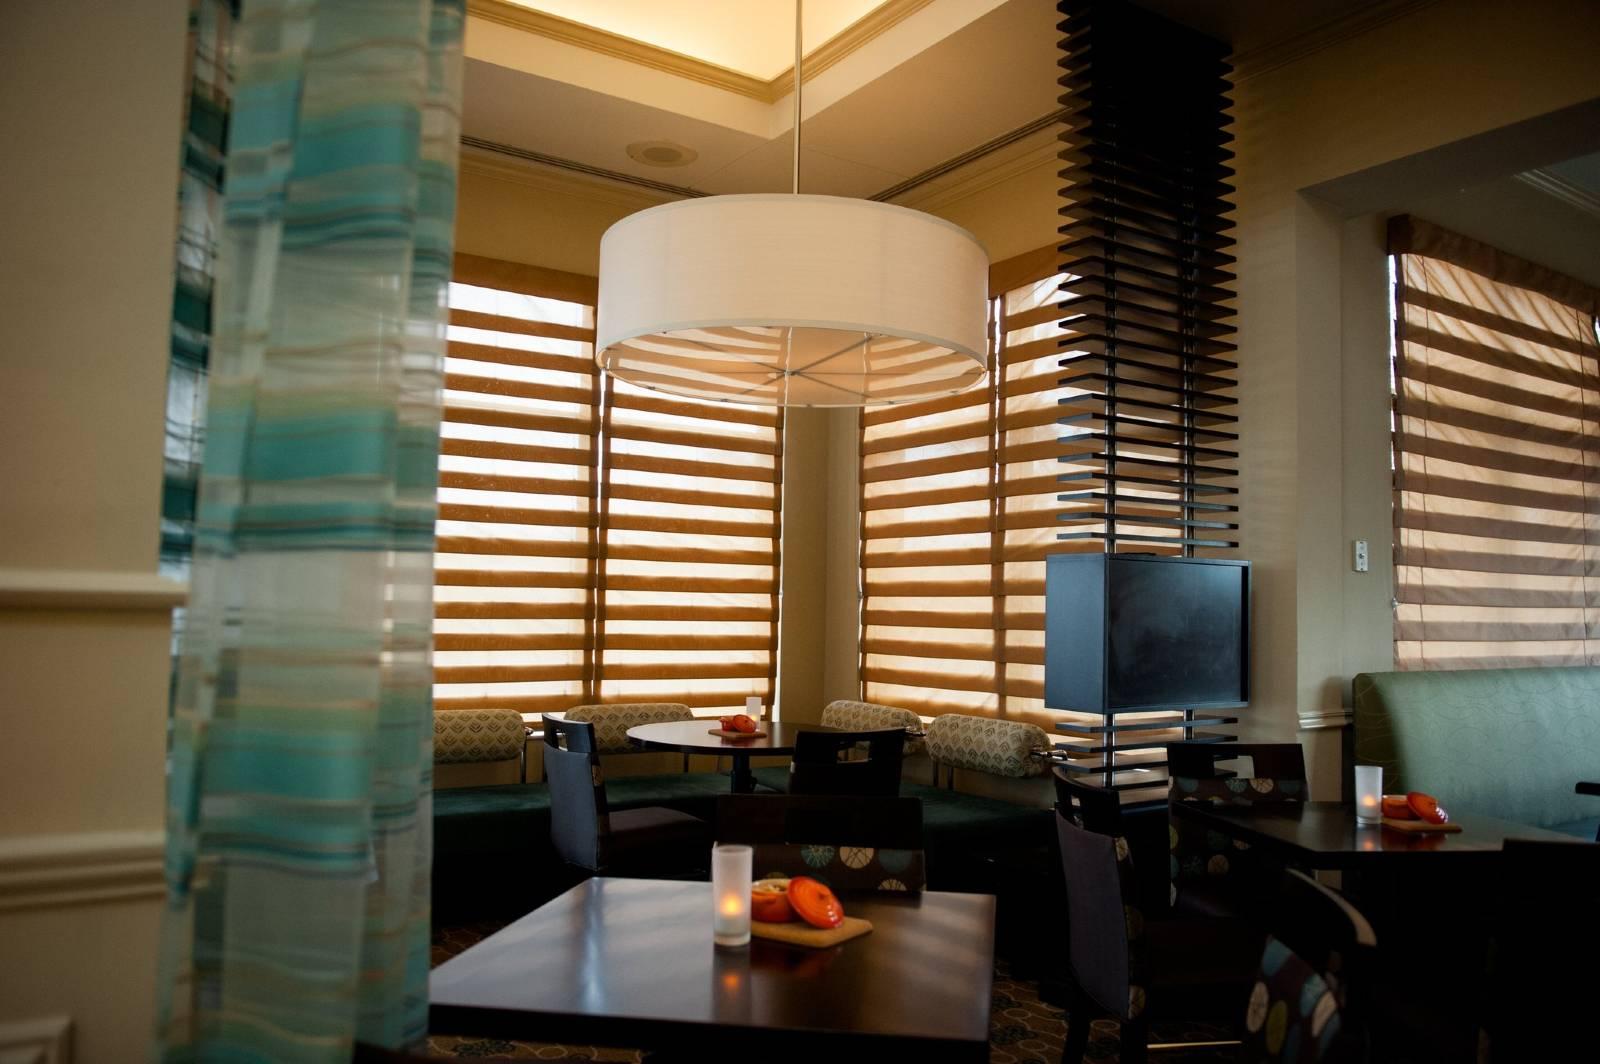 希尔顿花园洛克威酒店预订及价格查询【携程海外酒店】Hilton Garden Inn ...